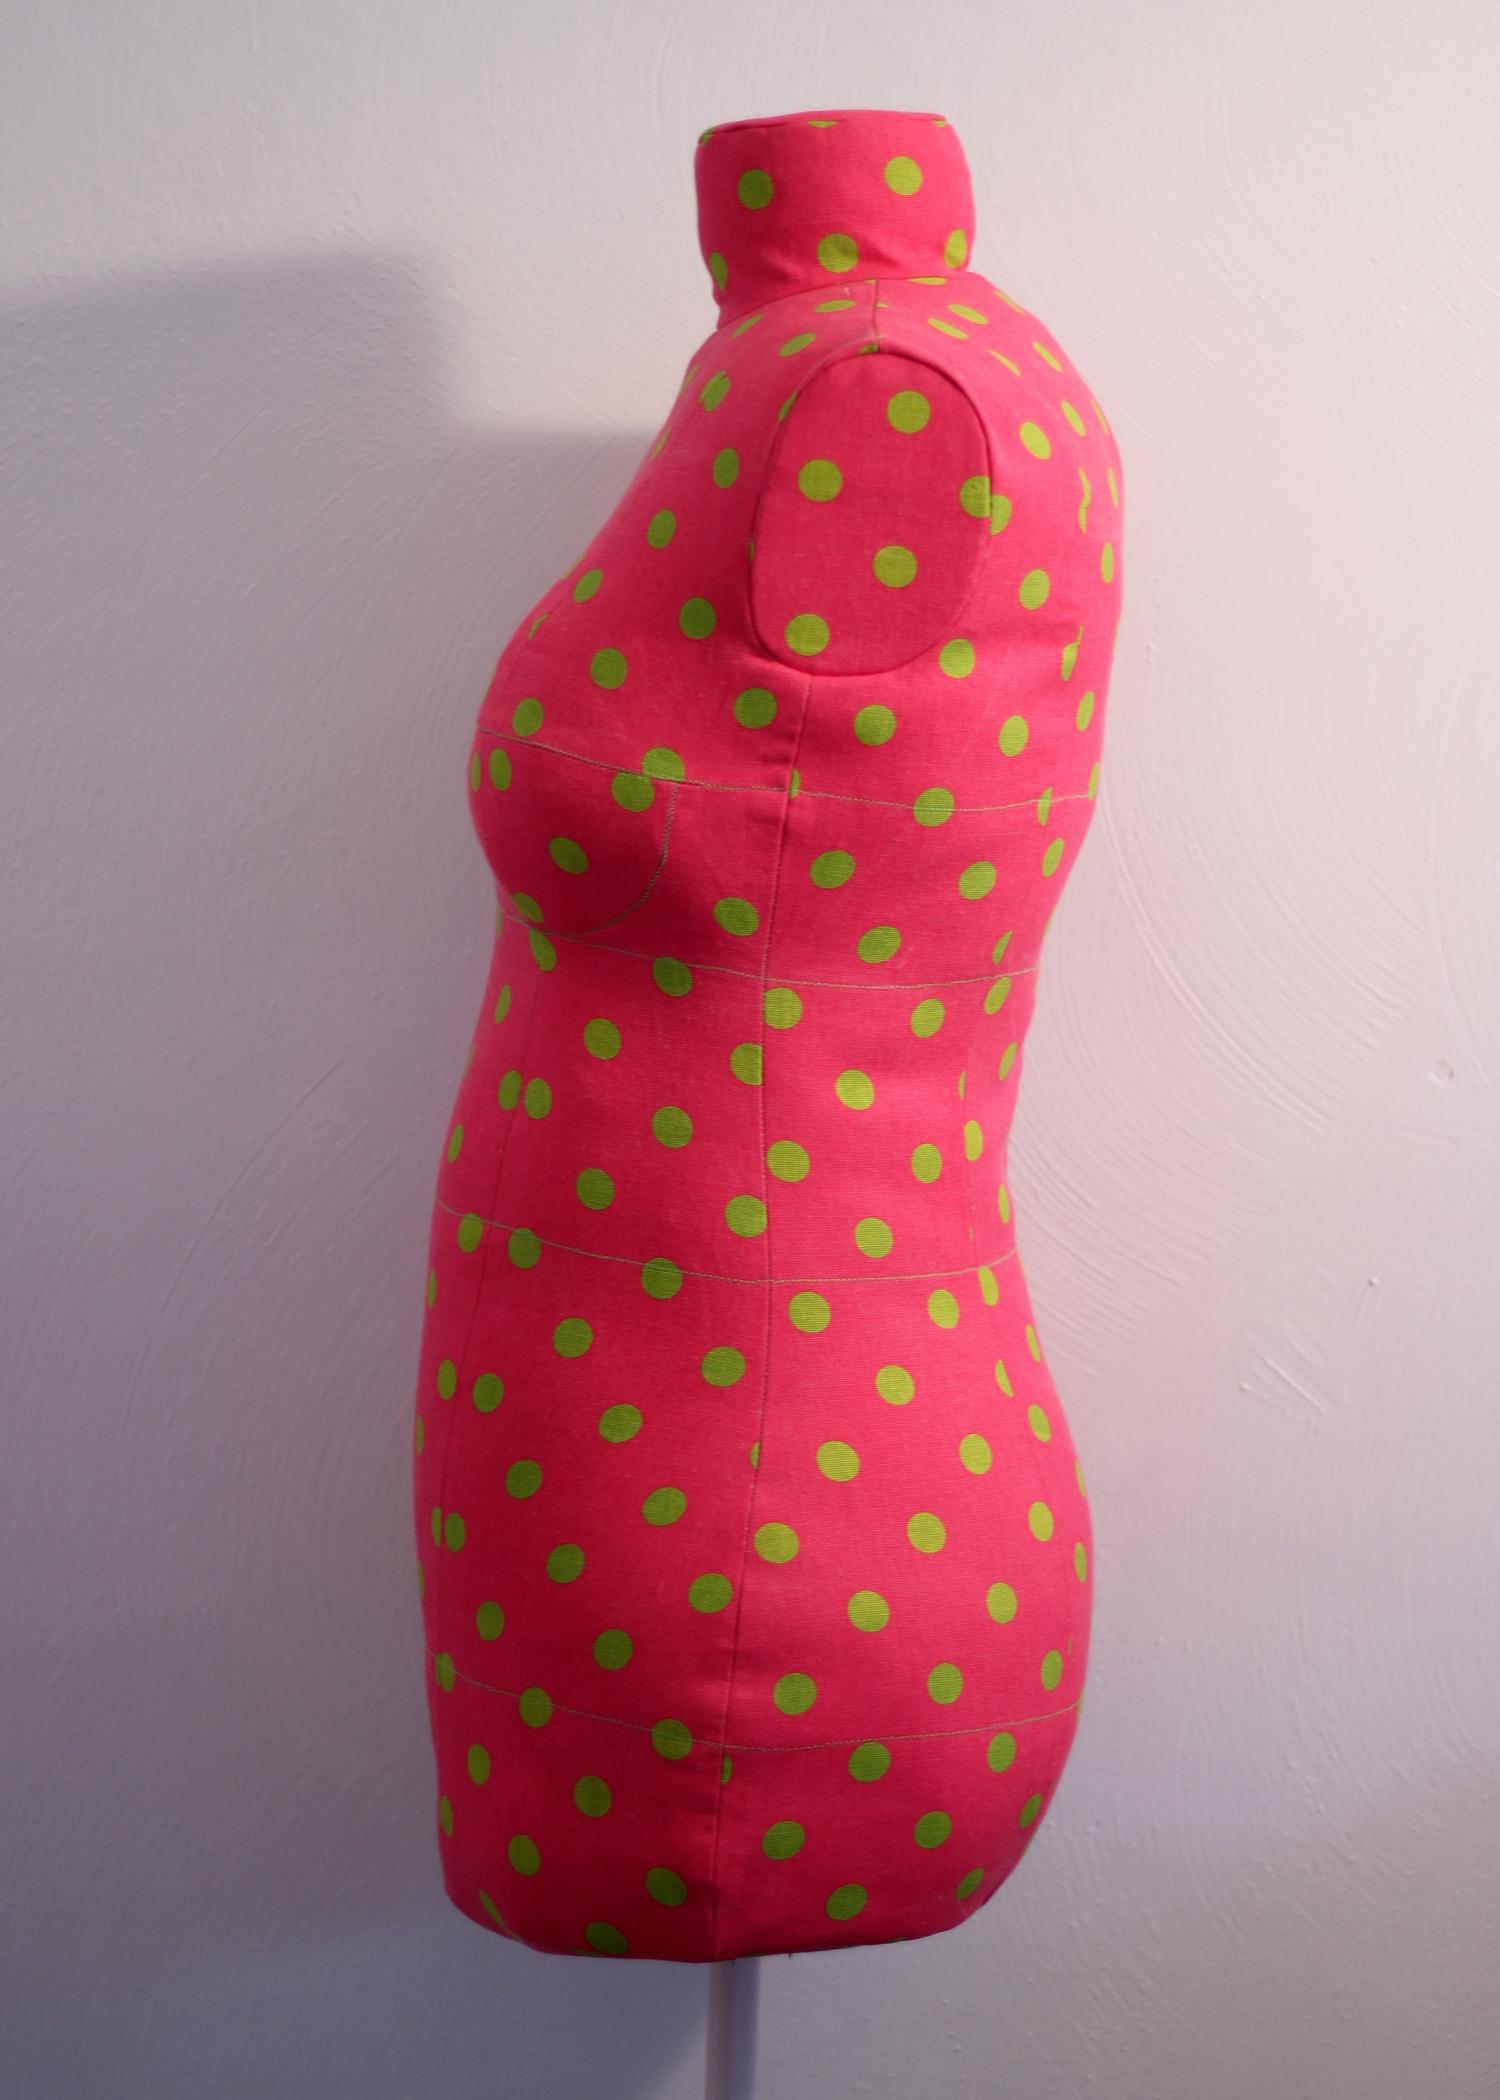 dressform side view.jpg